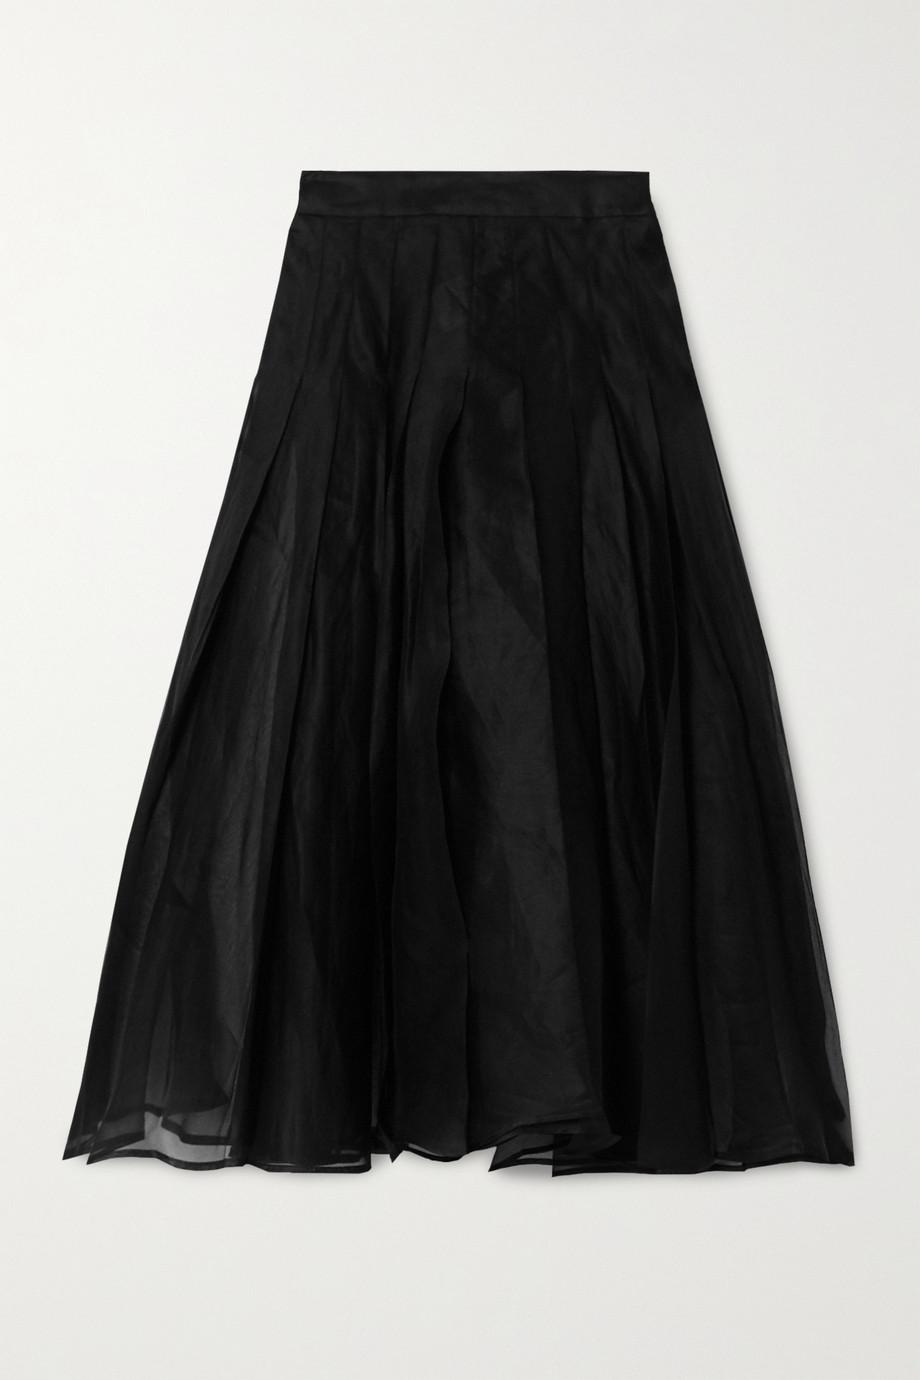 A.W.A.K.E. MODE 褶裥雪纺绸中长半身裙